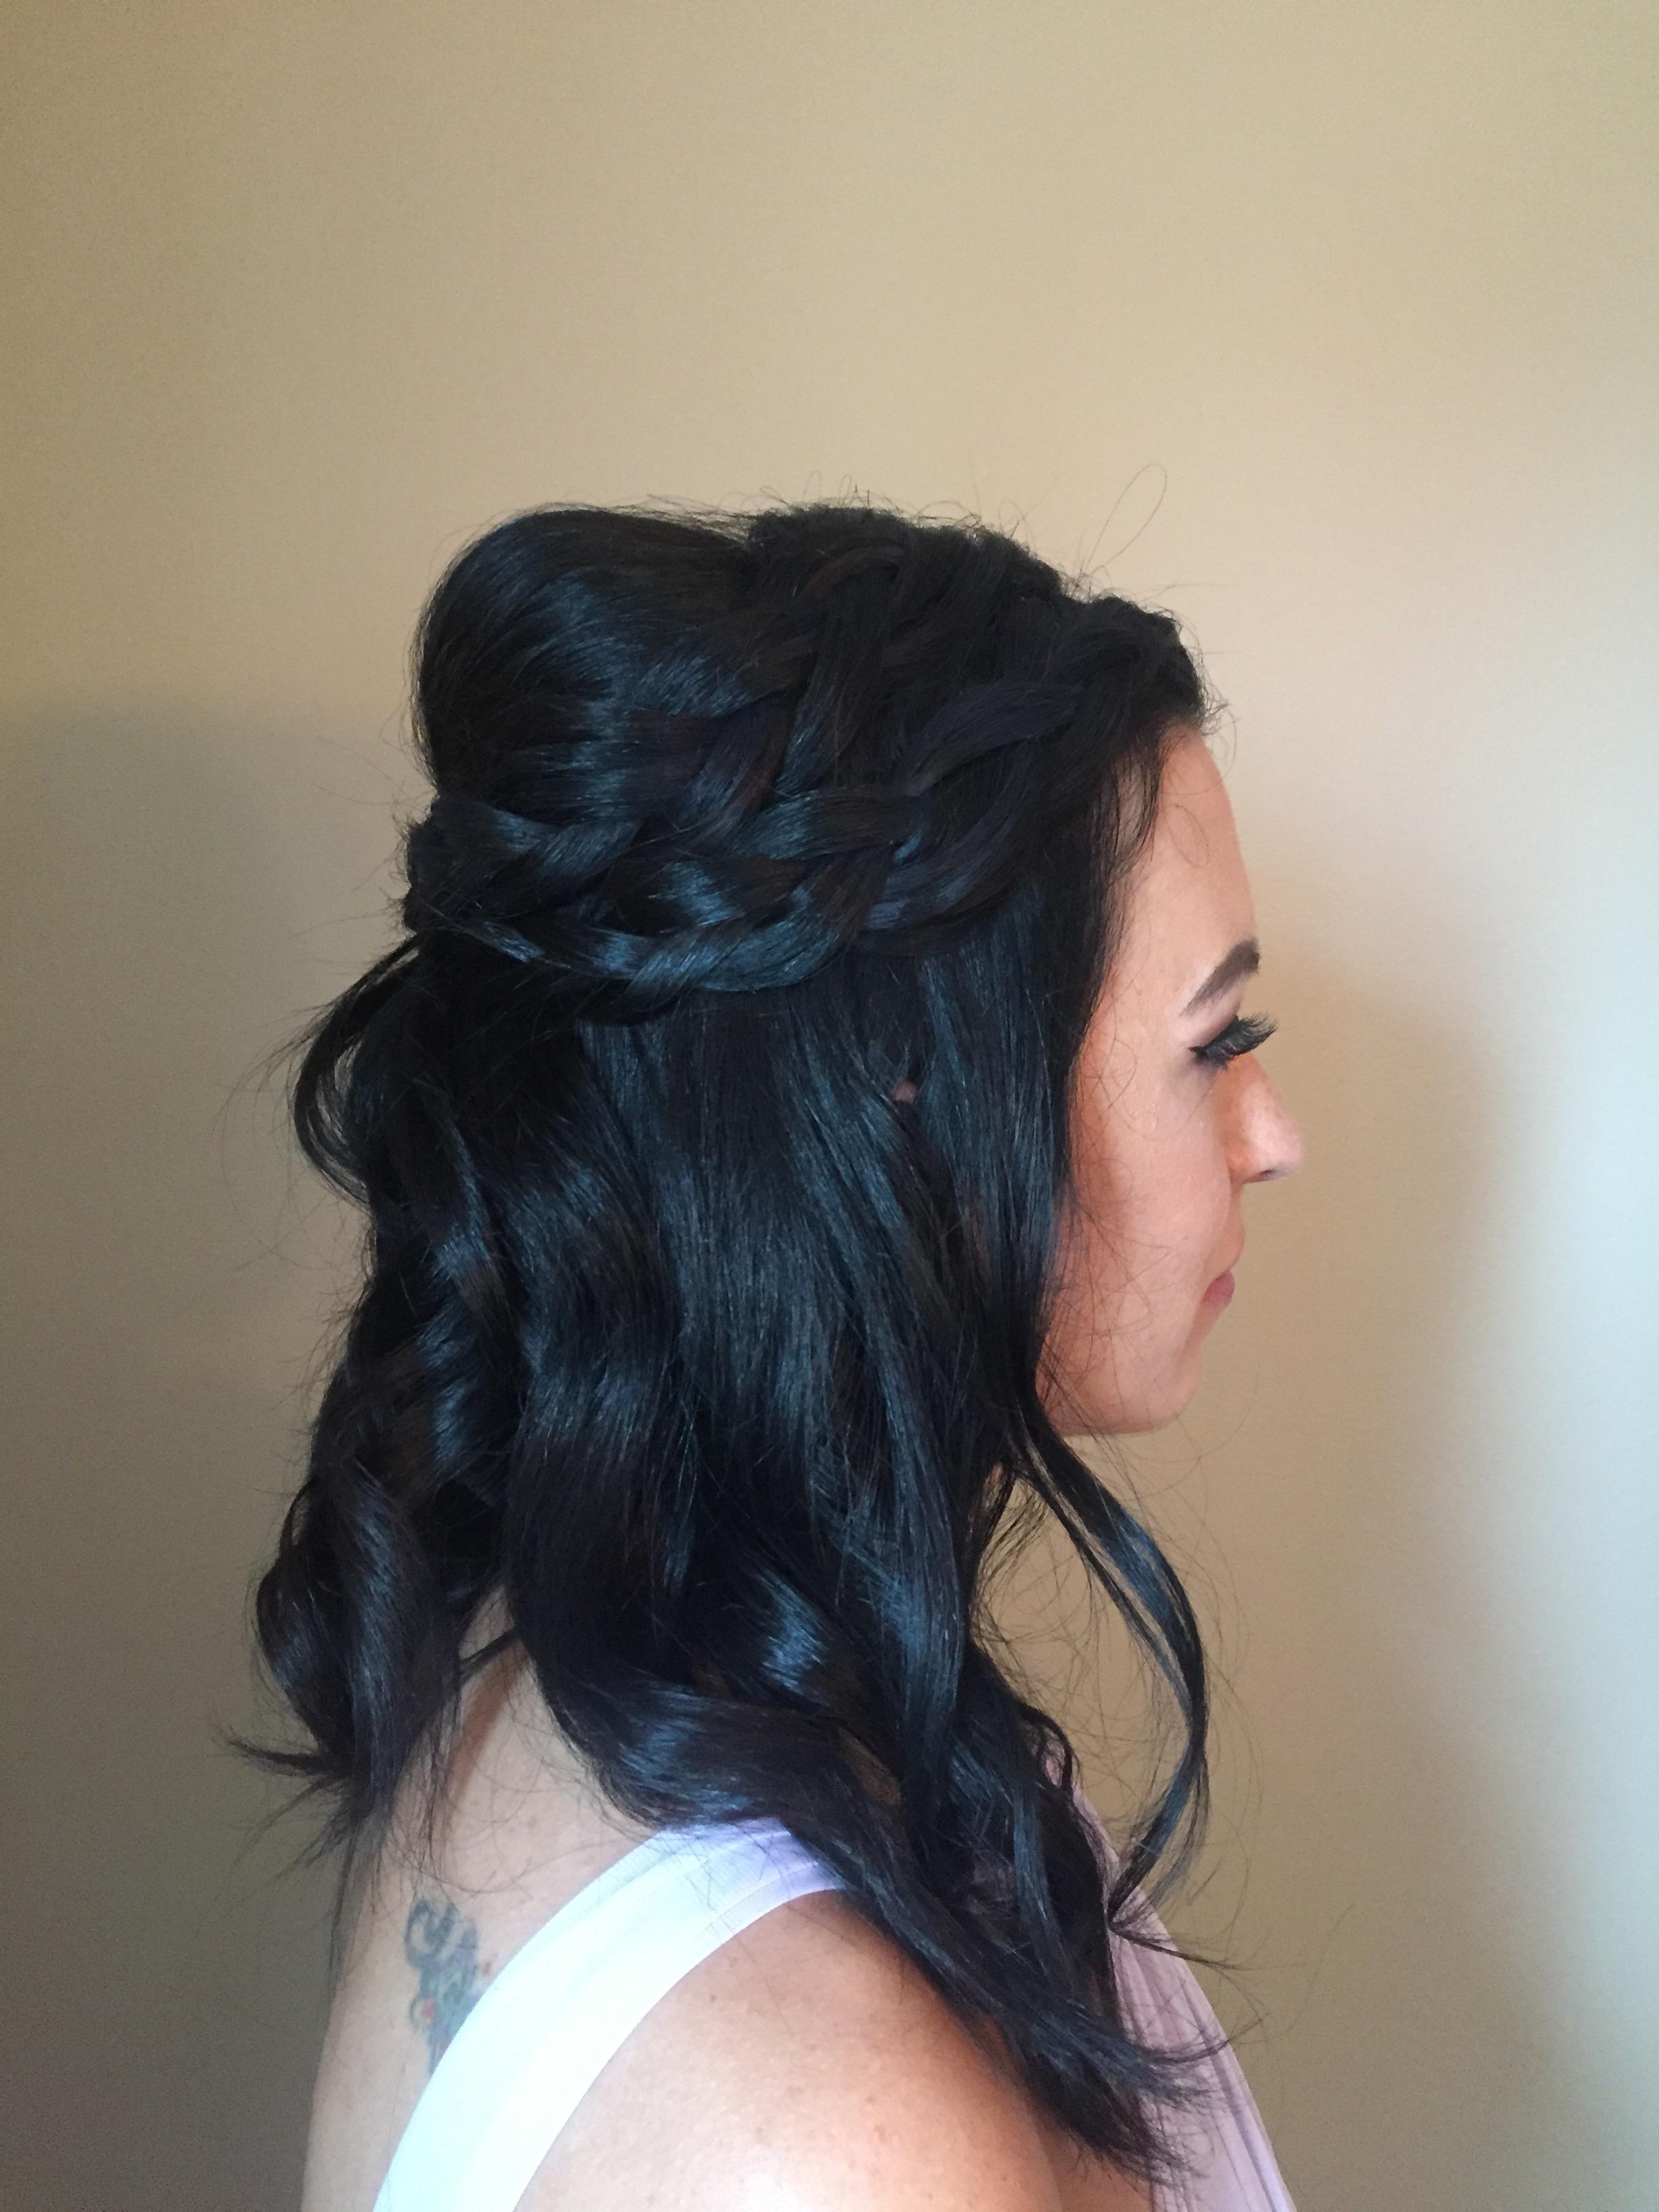 bridesmaid hairstyle by Kara